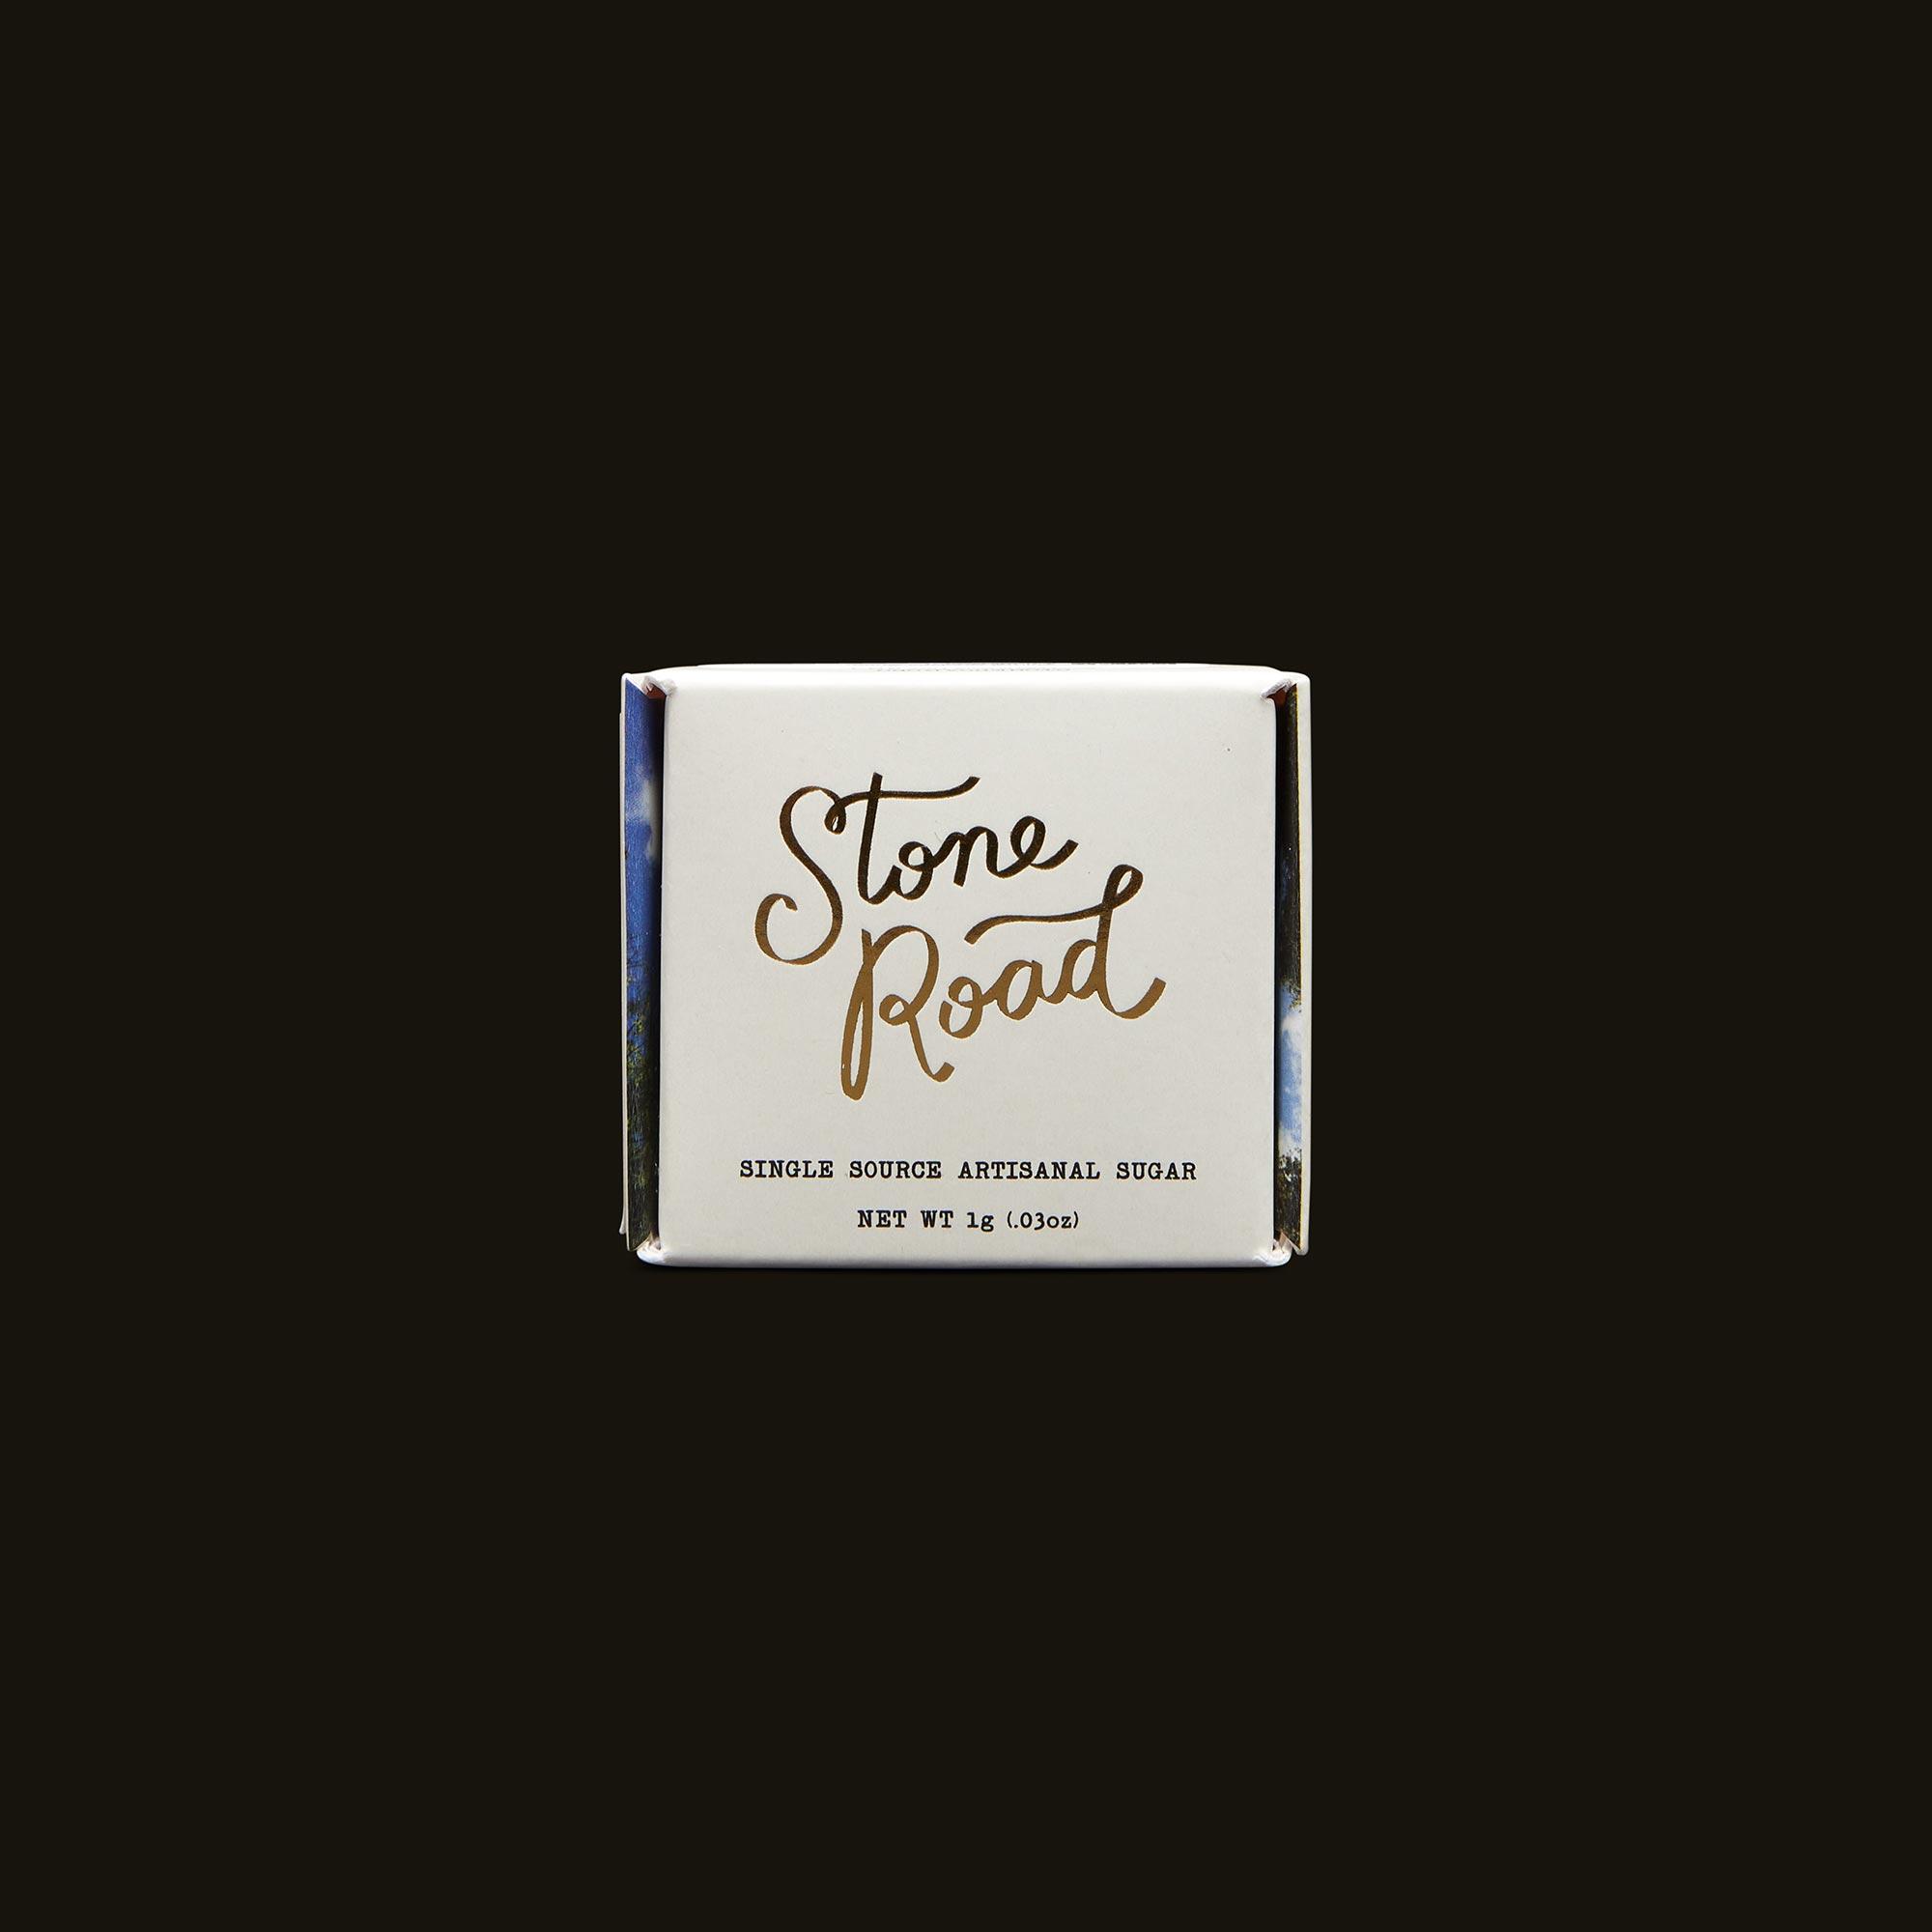 Stone Road Animal Cookies Indica Sugar Top Packaging